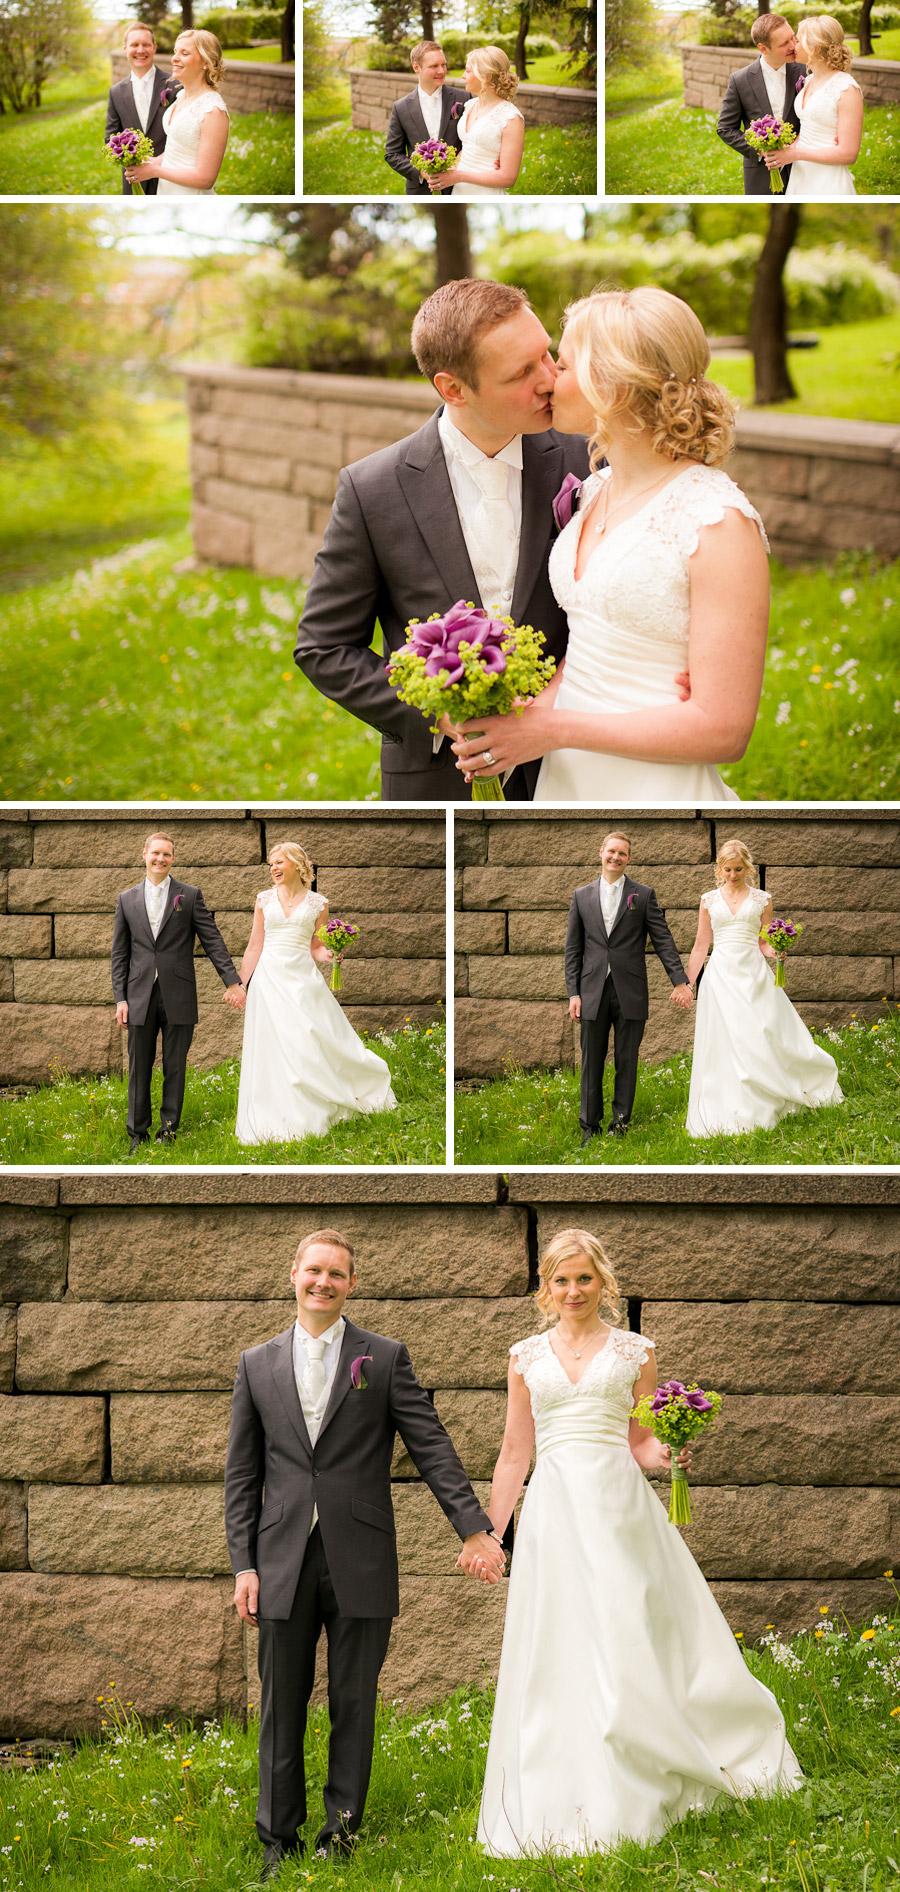 Villa Odinslund Bröllopsbilder Kajsa och Joakim